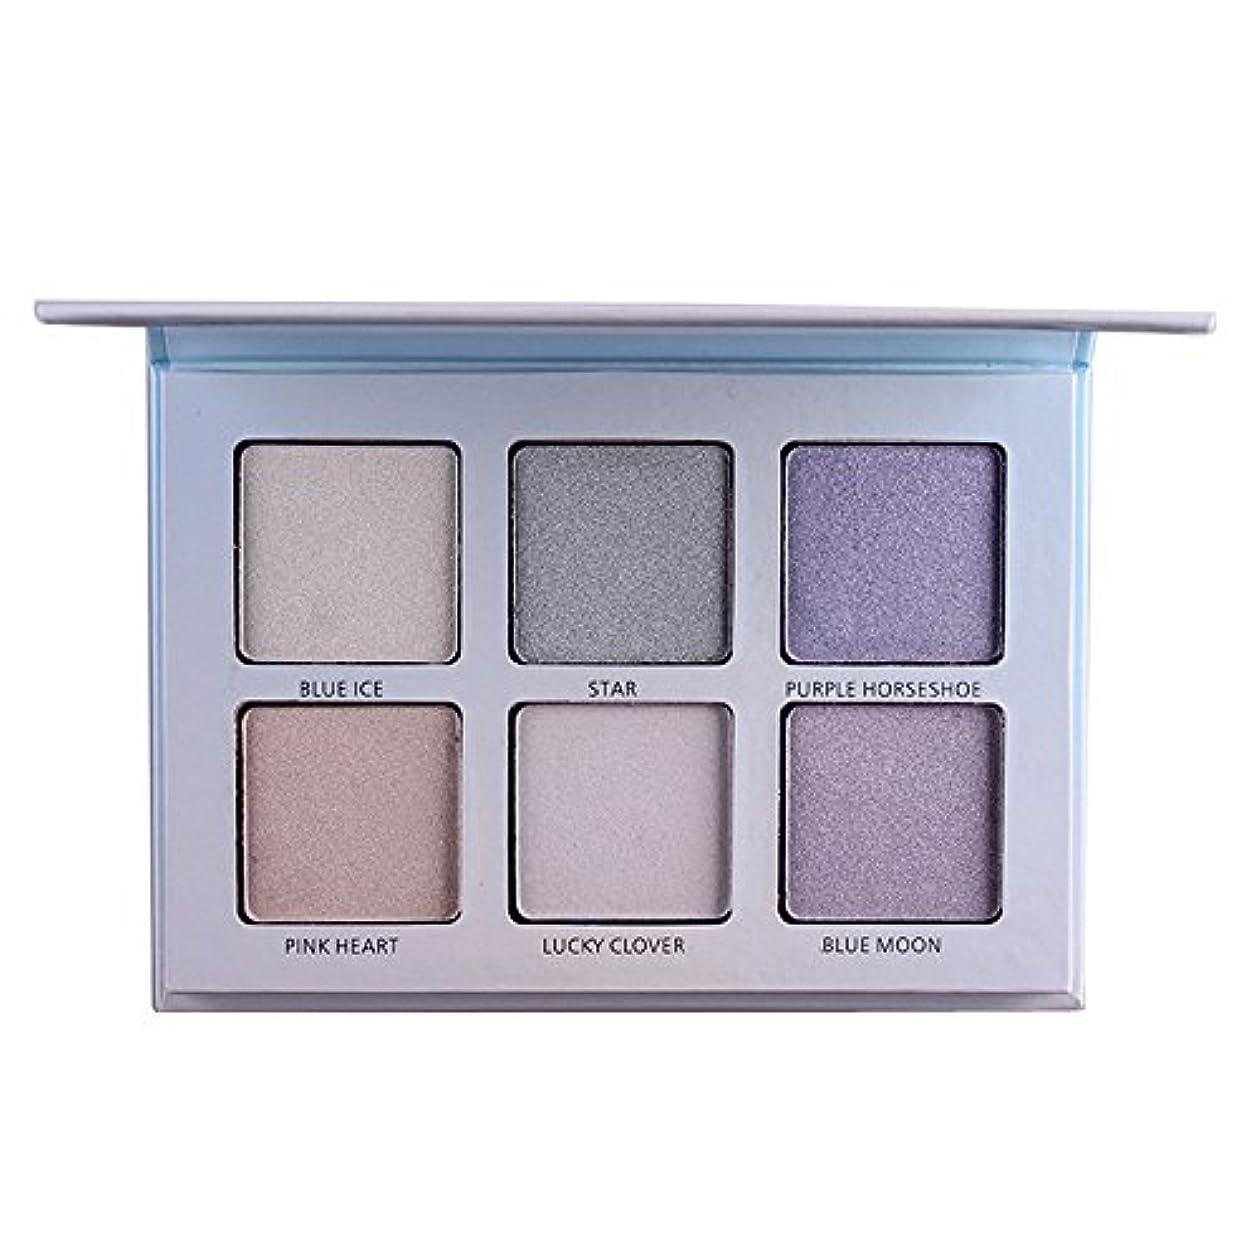 線形コンテンツブーストAkane アイシャドウパレット MISS ROSE ファッション 人気 ハイライト 気質的 コンシーラー 綺麗 魅力的 チャーム 防水 長持ち おしゃれ 持ち便利 Eye Shadow (6色) 7003-044N